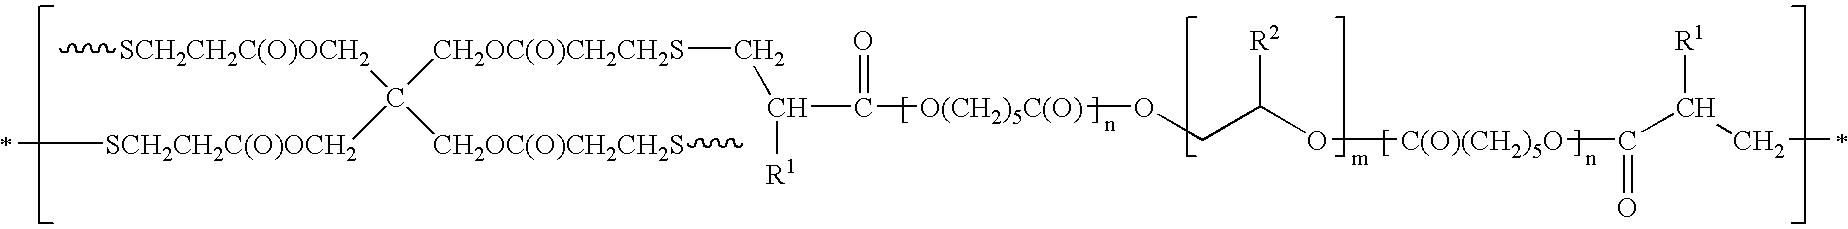 Figure US20080085946A1-20080410-C00001